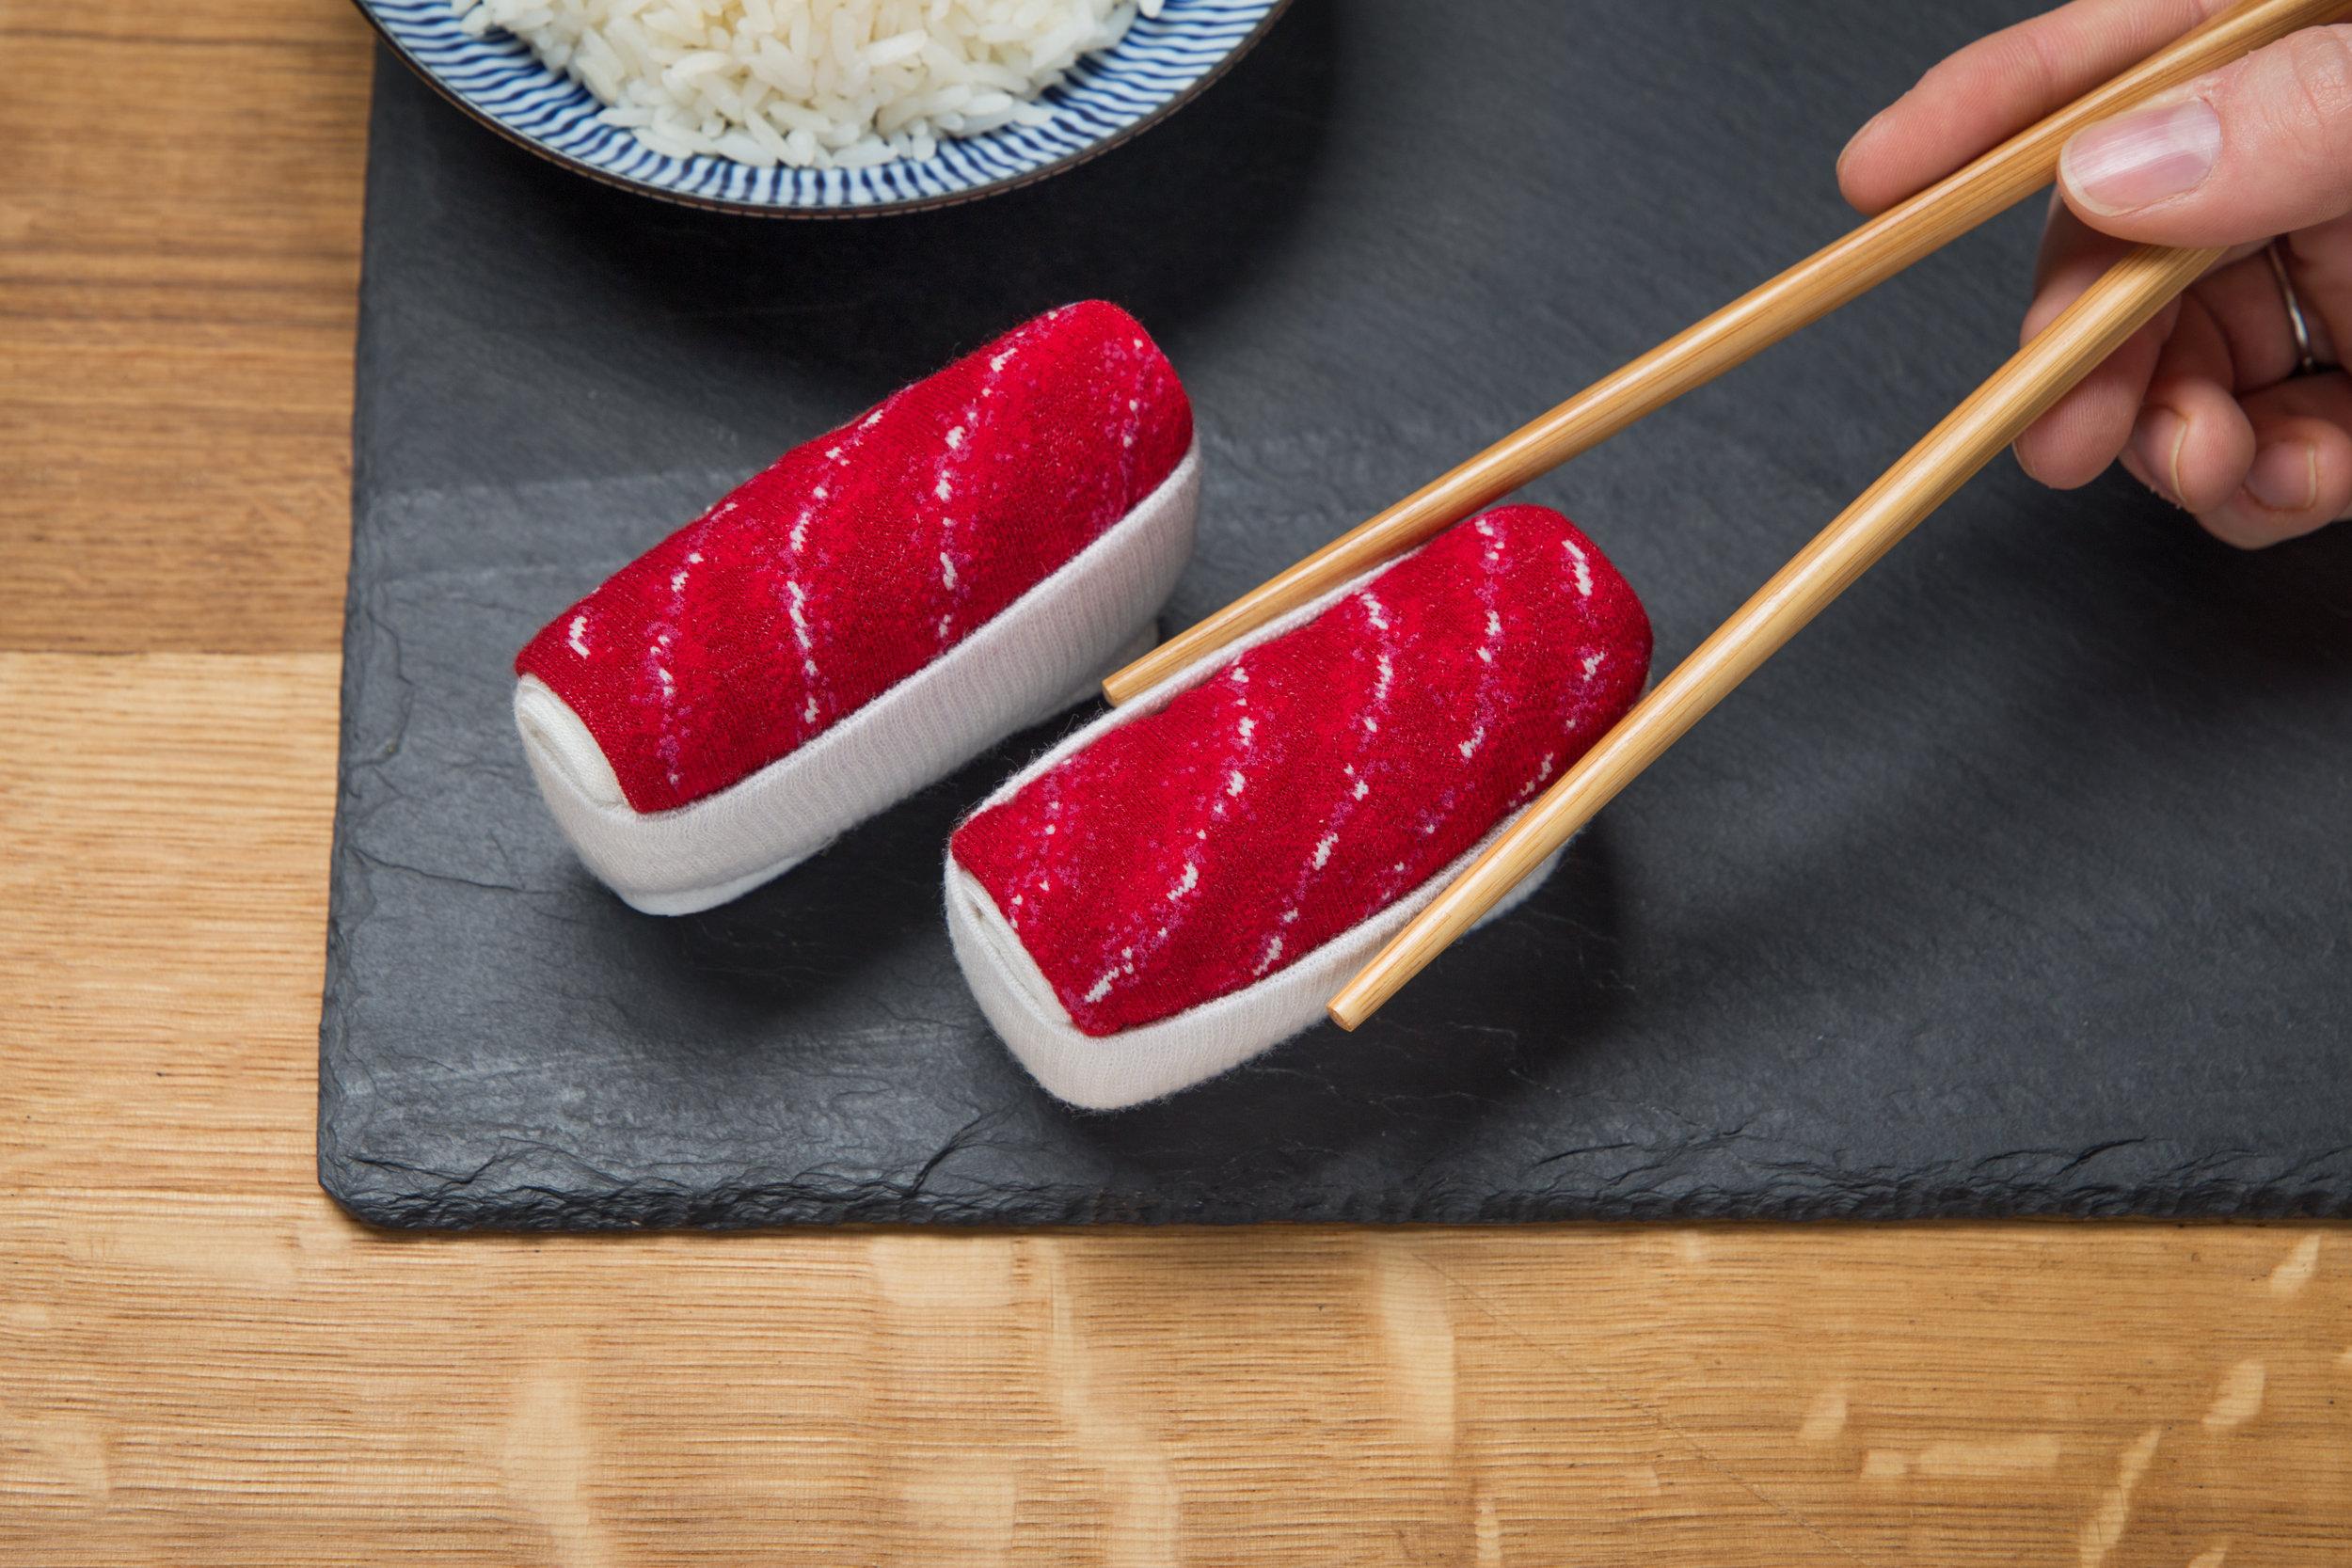 HiResLifestyle_sushi_SukenoSocks.jpg